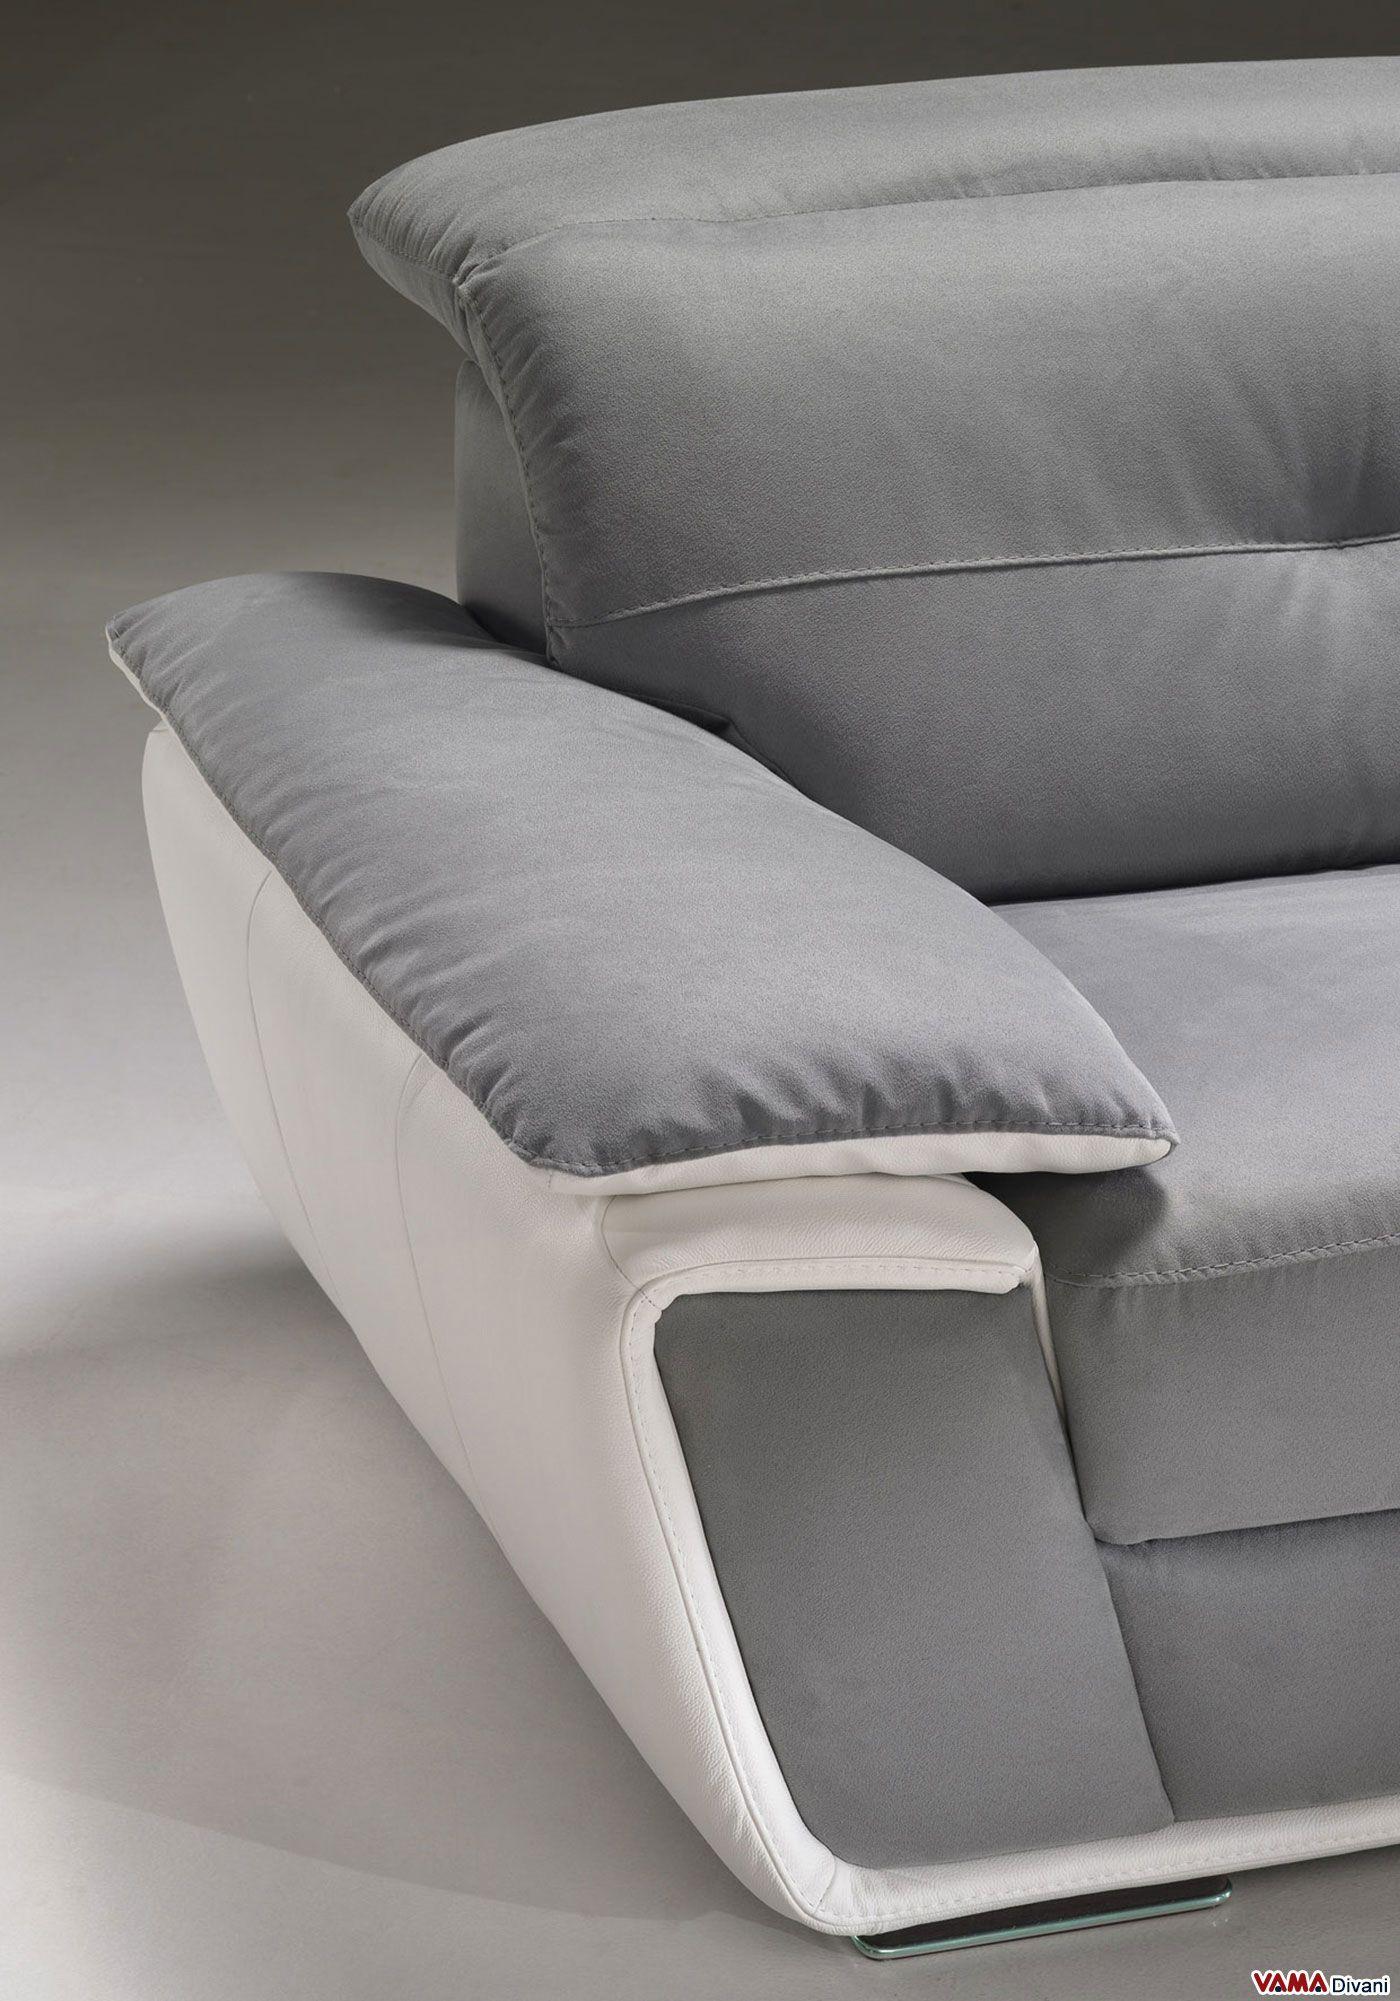 Divano In Pelle Con Relax.Divano Con Poggiatesta Relax In Pelle E Microfibra Luxury Sofa